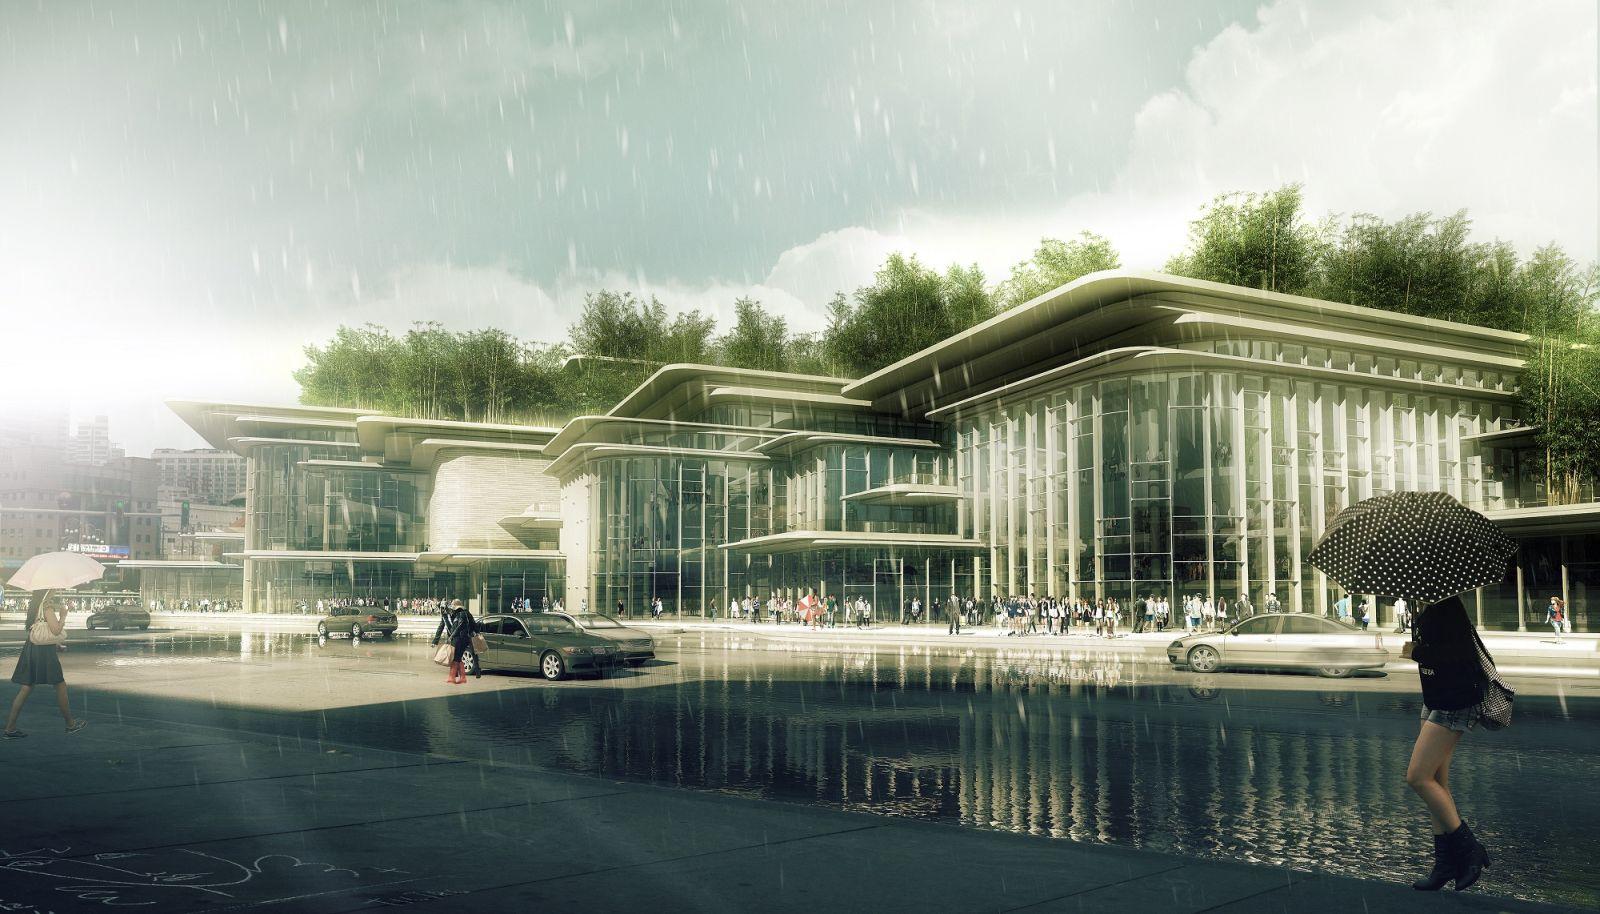 Chengdu City Music Hall